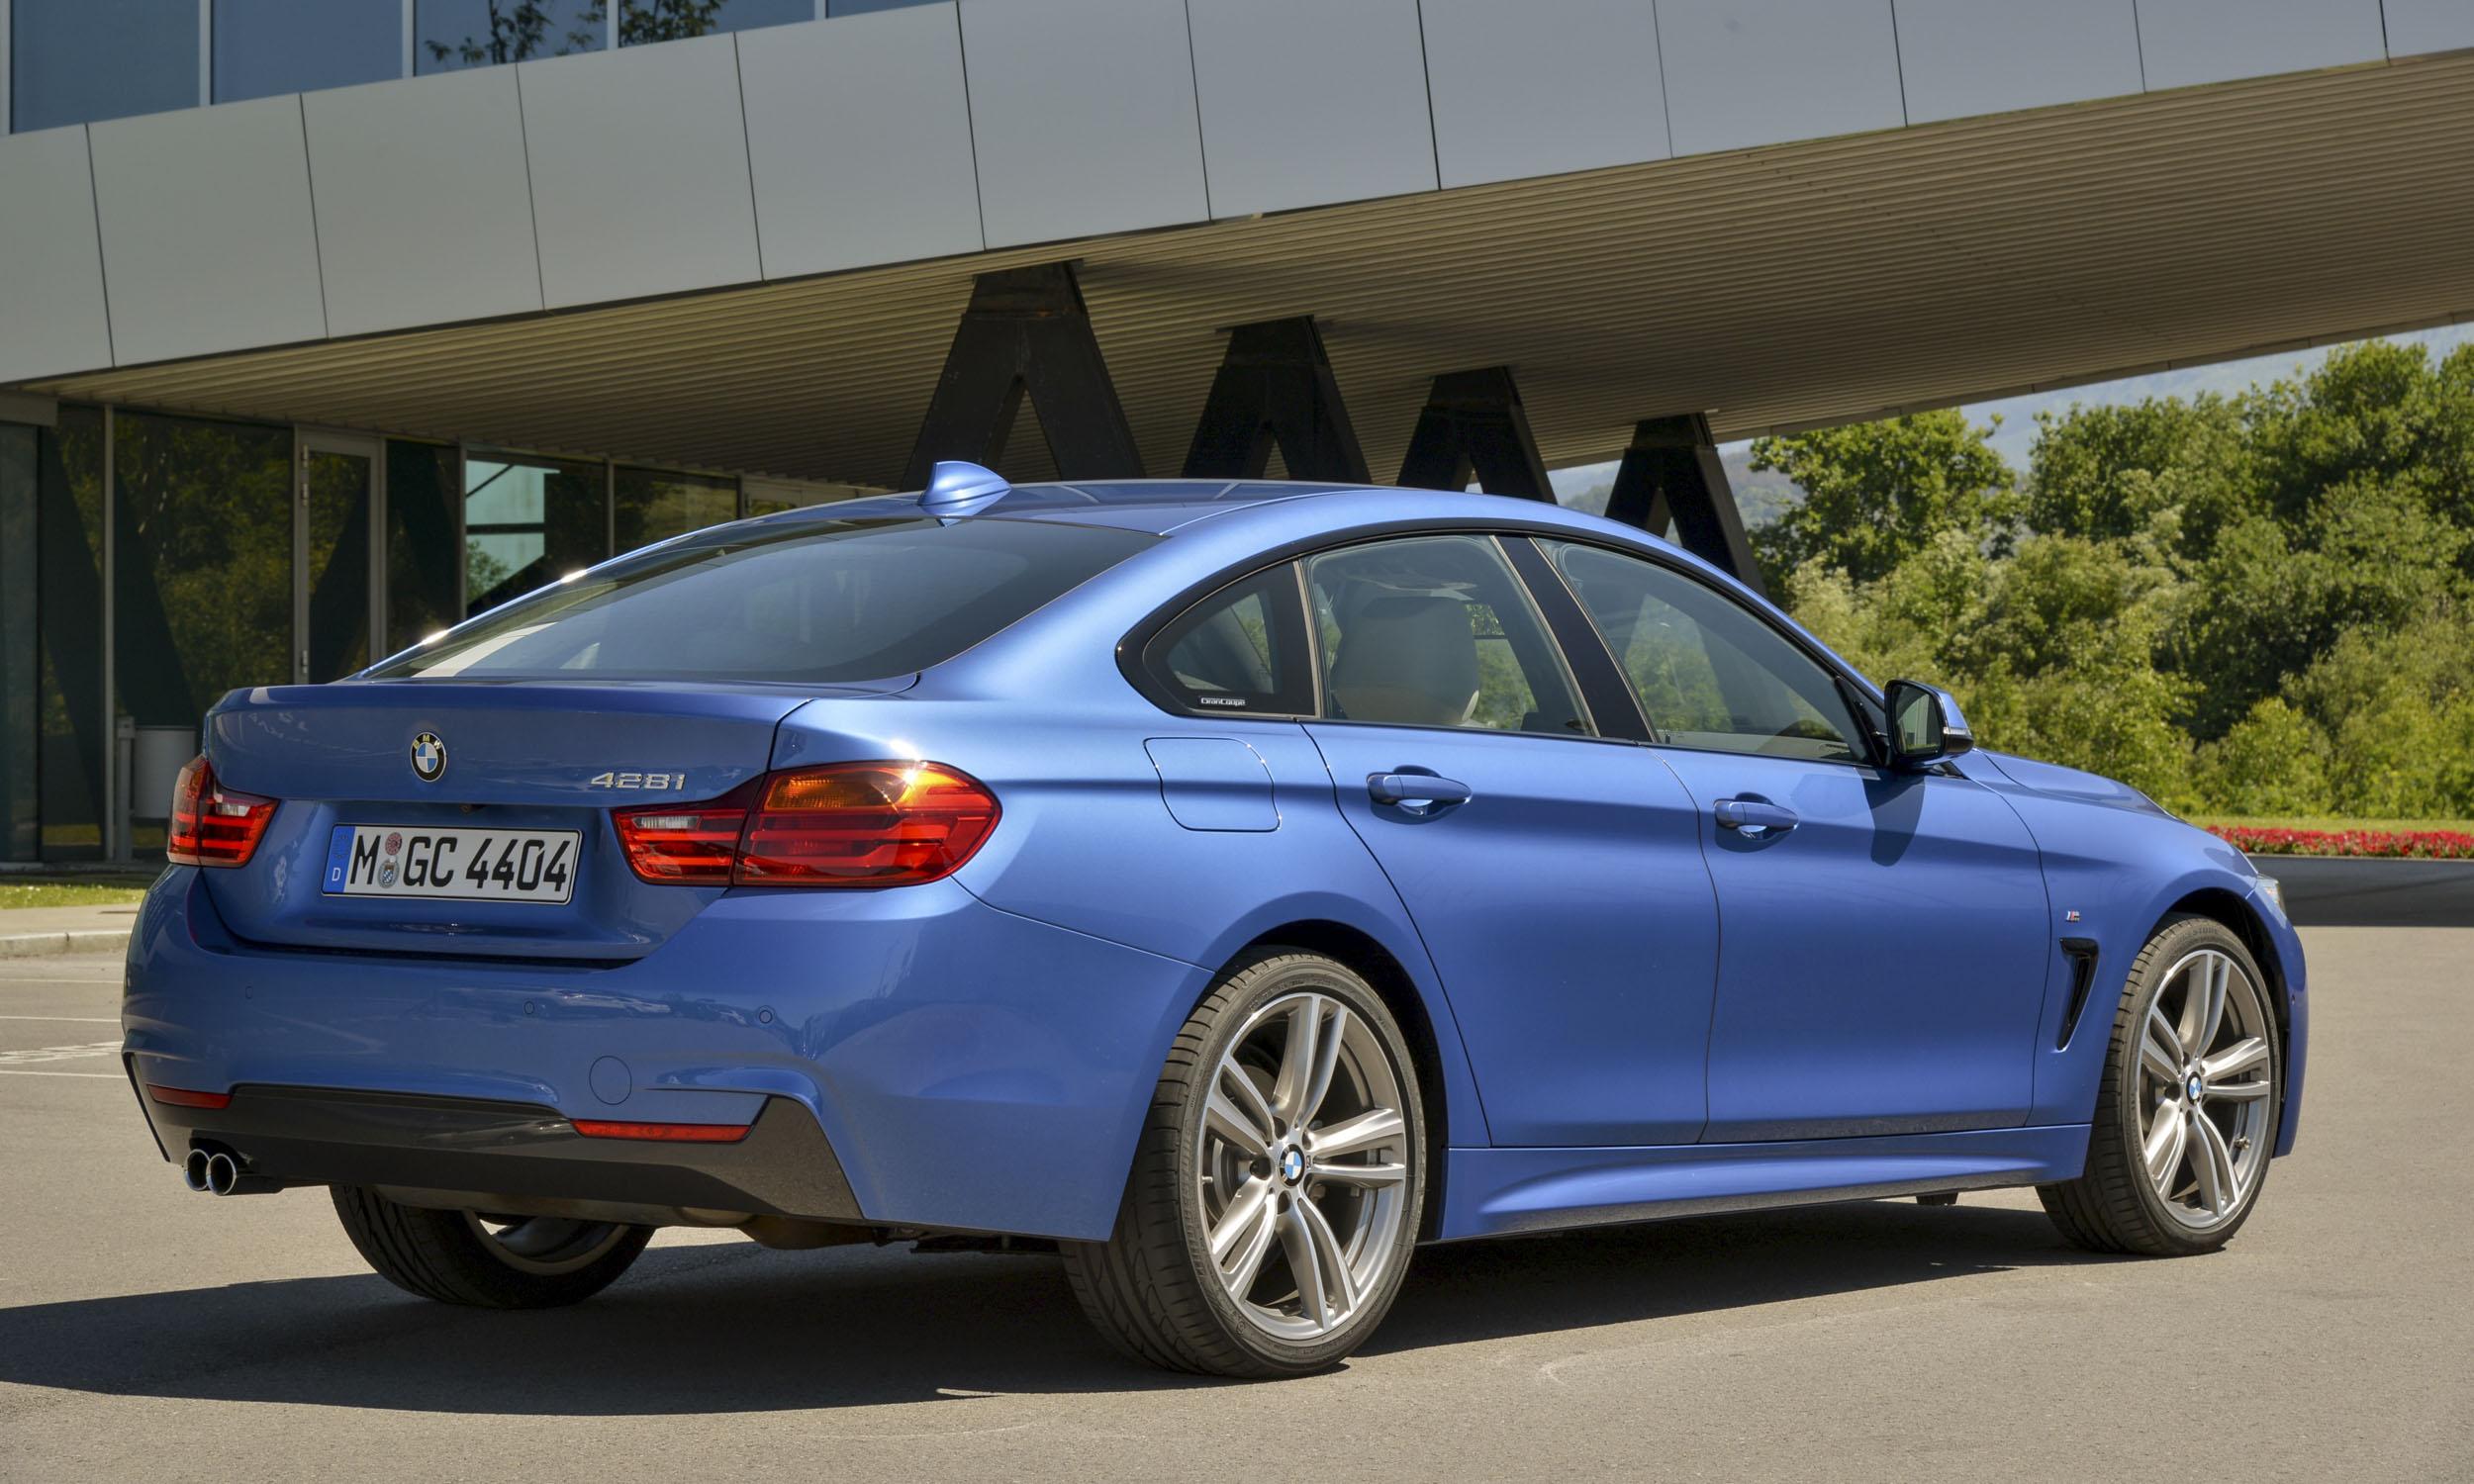 079_BMW_428i_2500